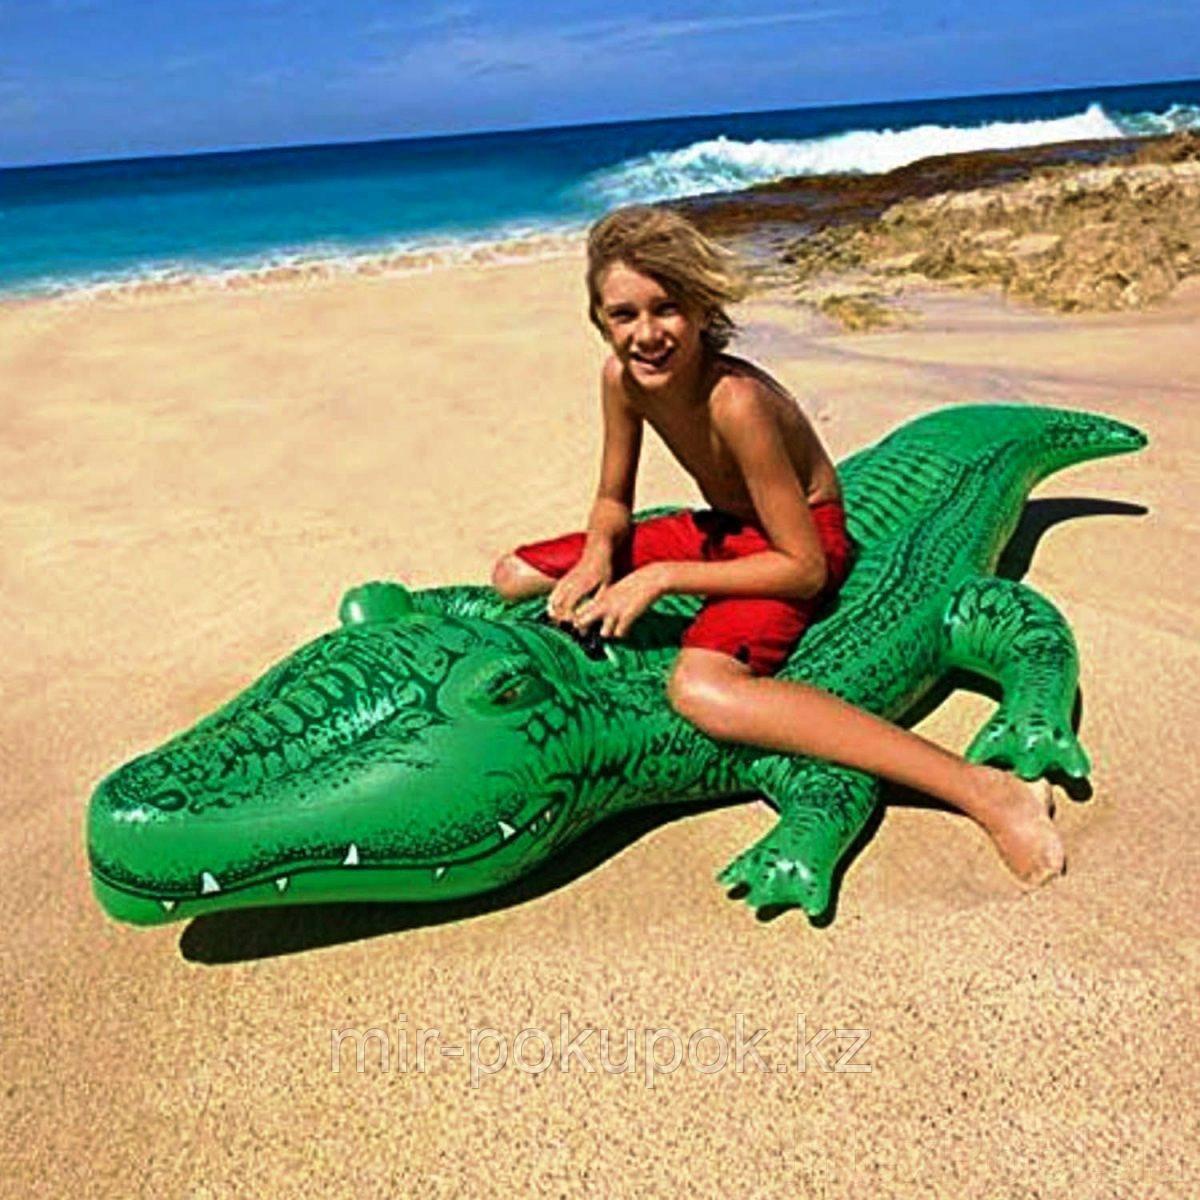 Надувная игрушка-наездник Intex 58546 Крокодил от 3 лет (надувной плот для плавания Крокодил)